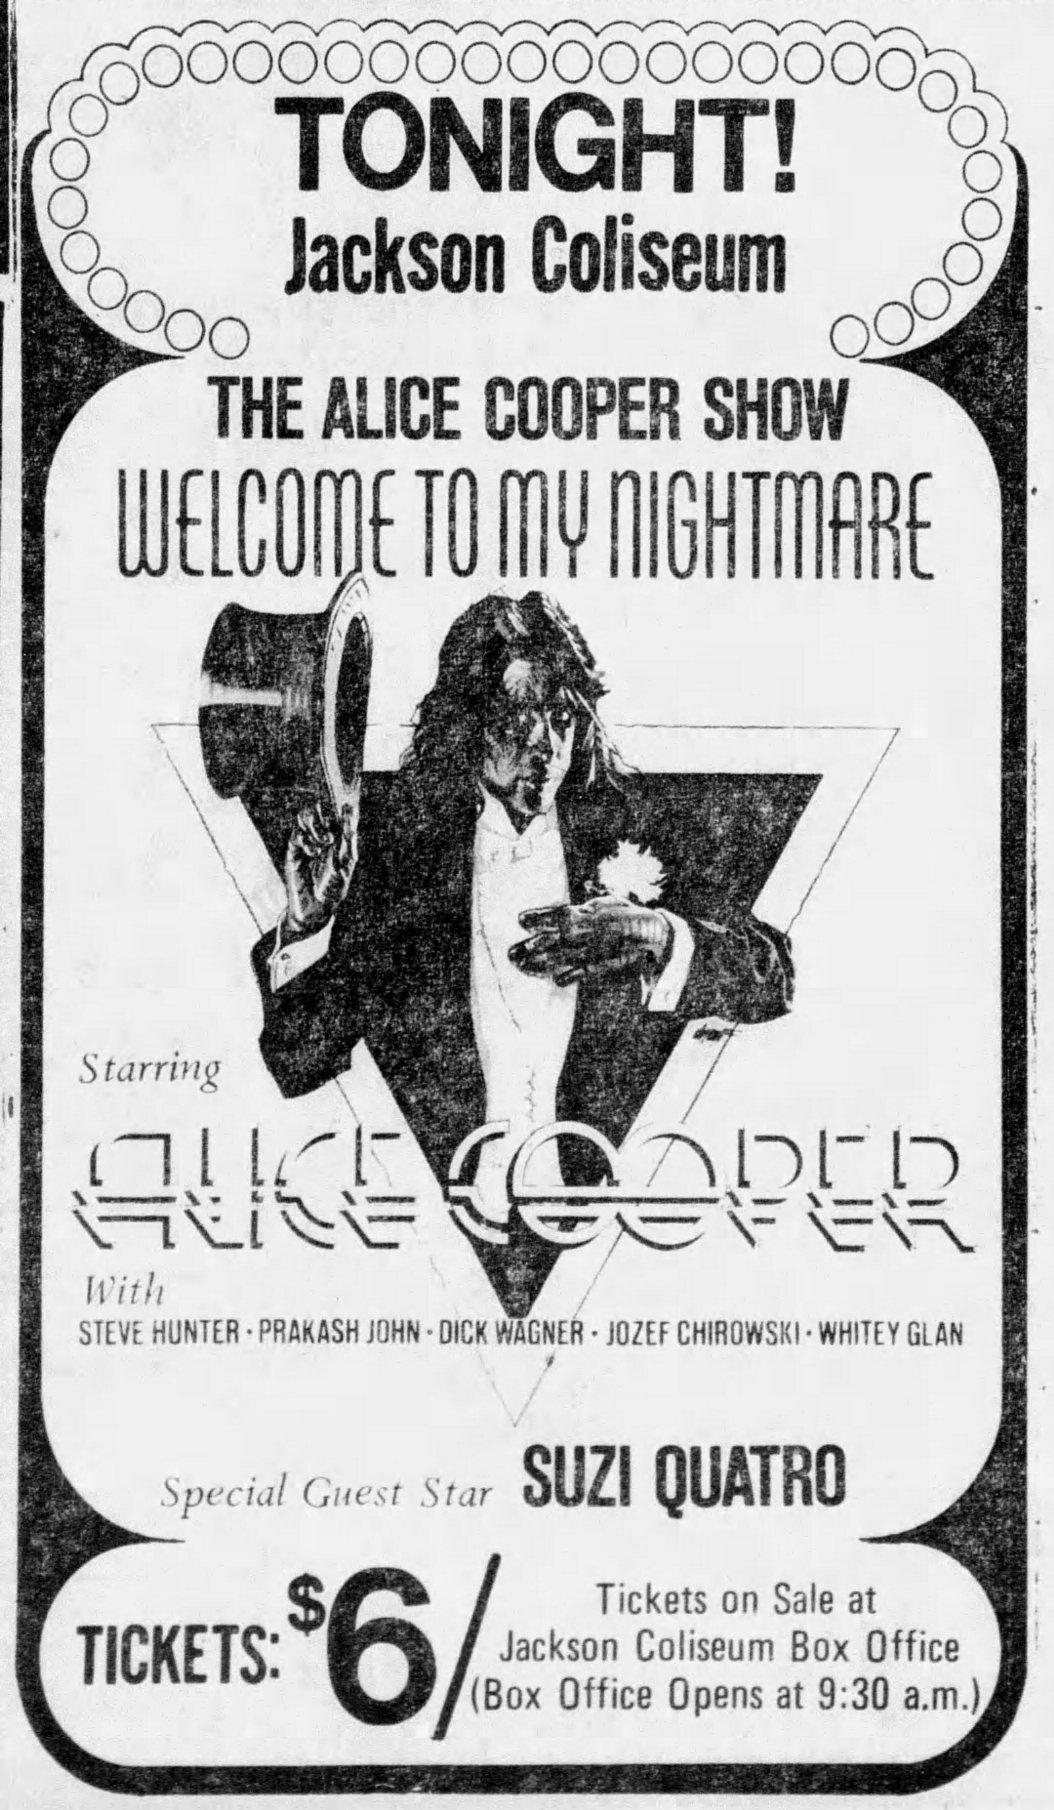 1975 06 06 Clarion Ledger Show Advert